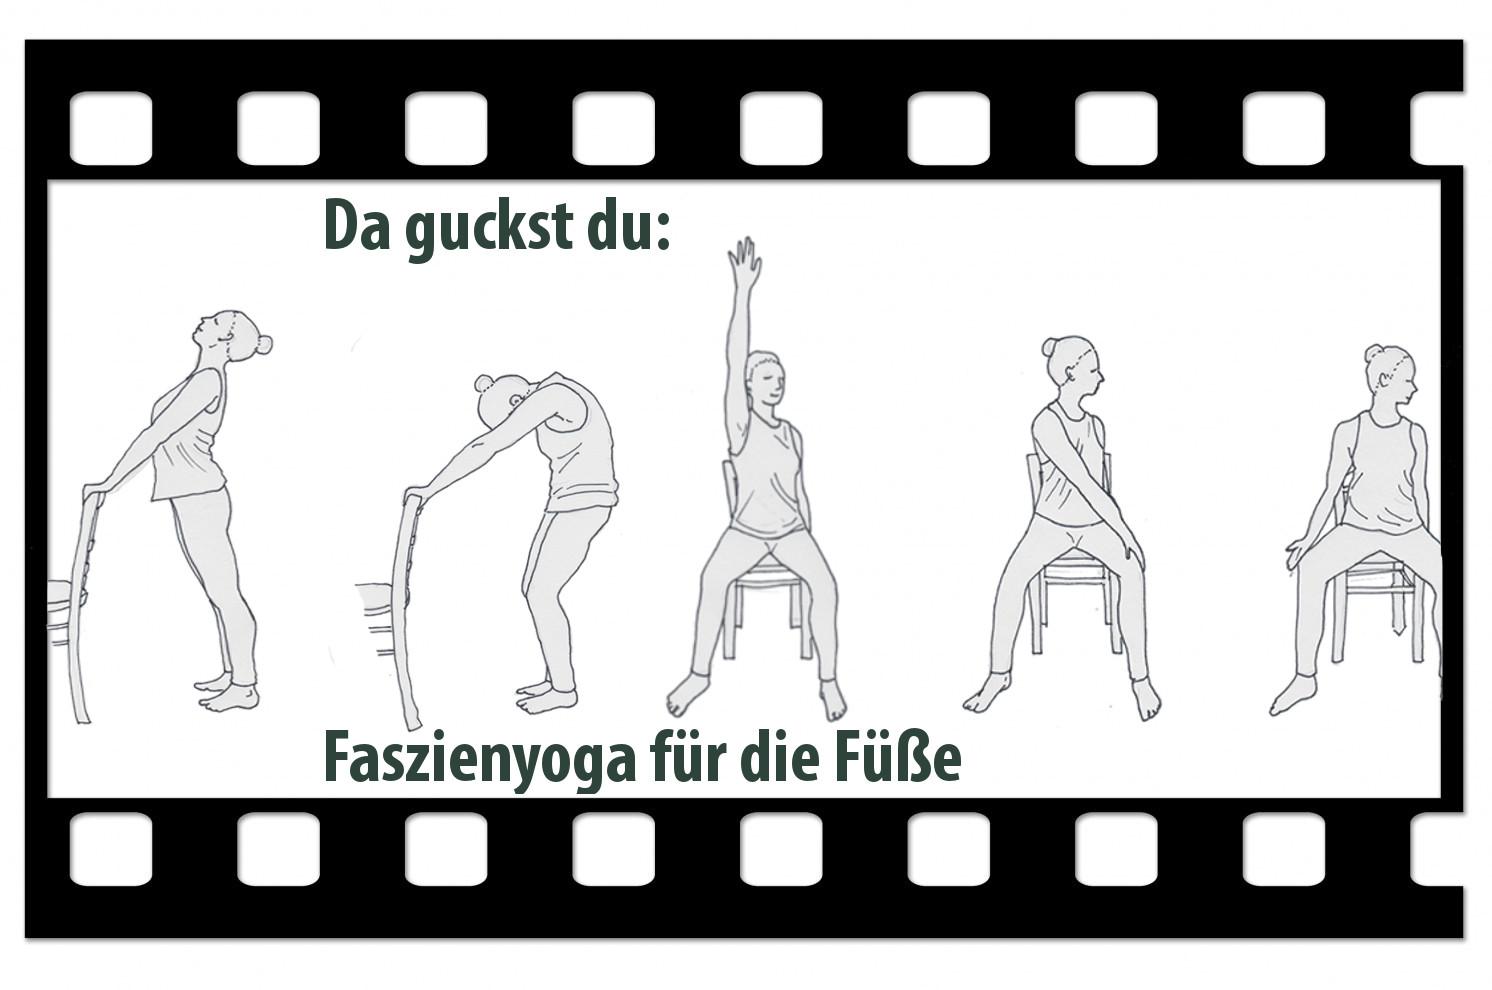 """Videologo von Trotzallembewegend mit Zeichnungen von Yogahaltungen im Sitzen und dem Titel """"Da guckst du: Faszienyoga für die Füße"""""""